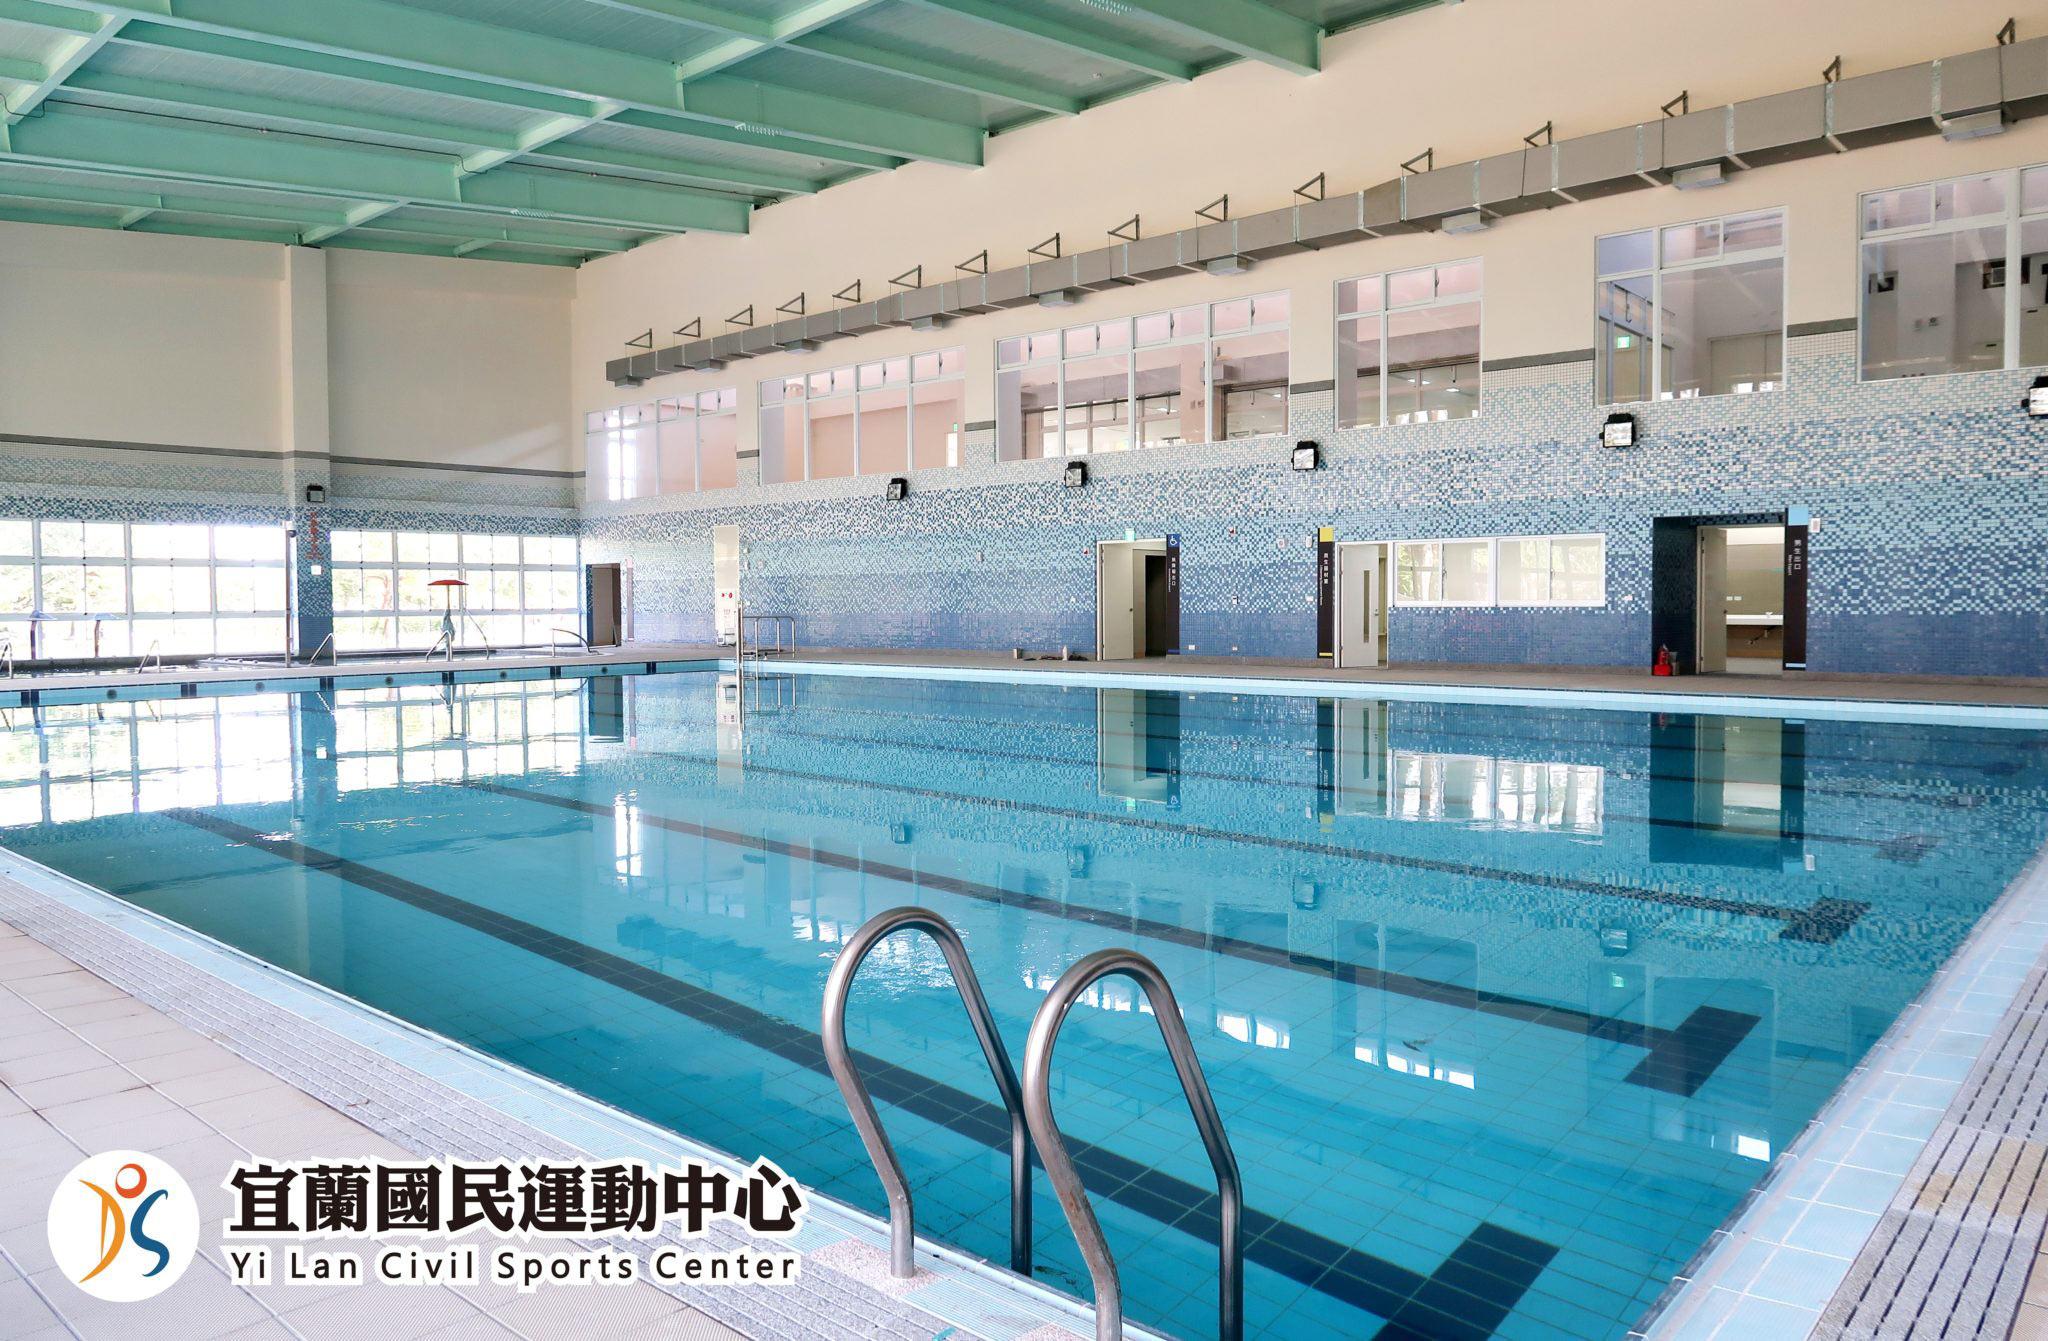 室內溫水游泳池-封面照片(jpg)